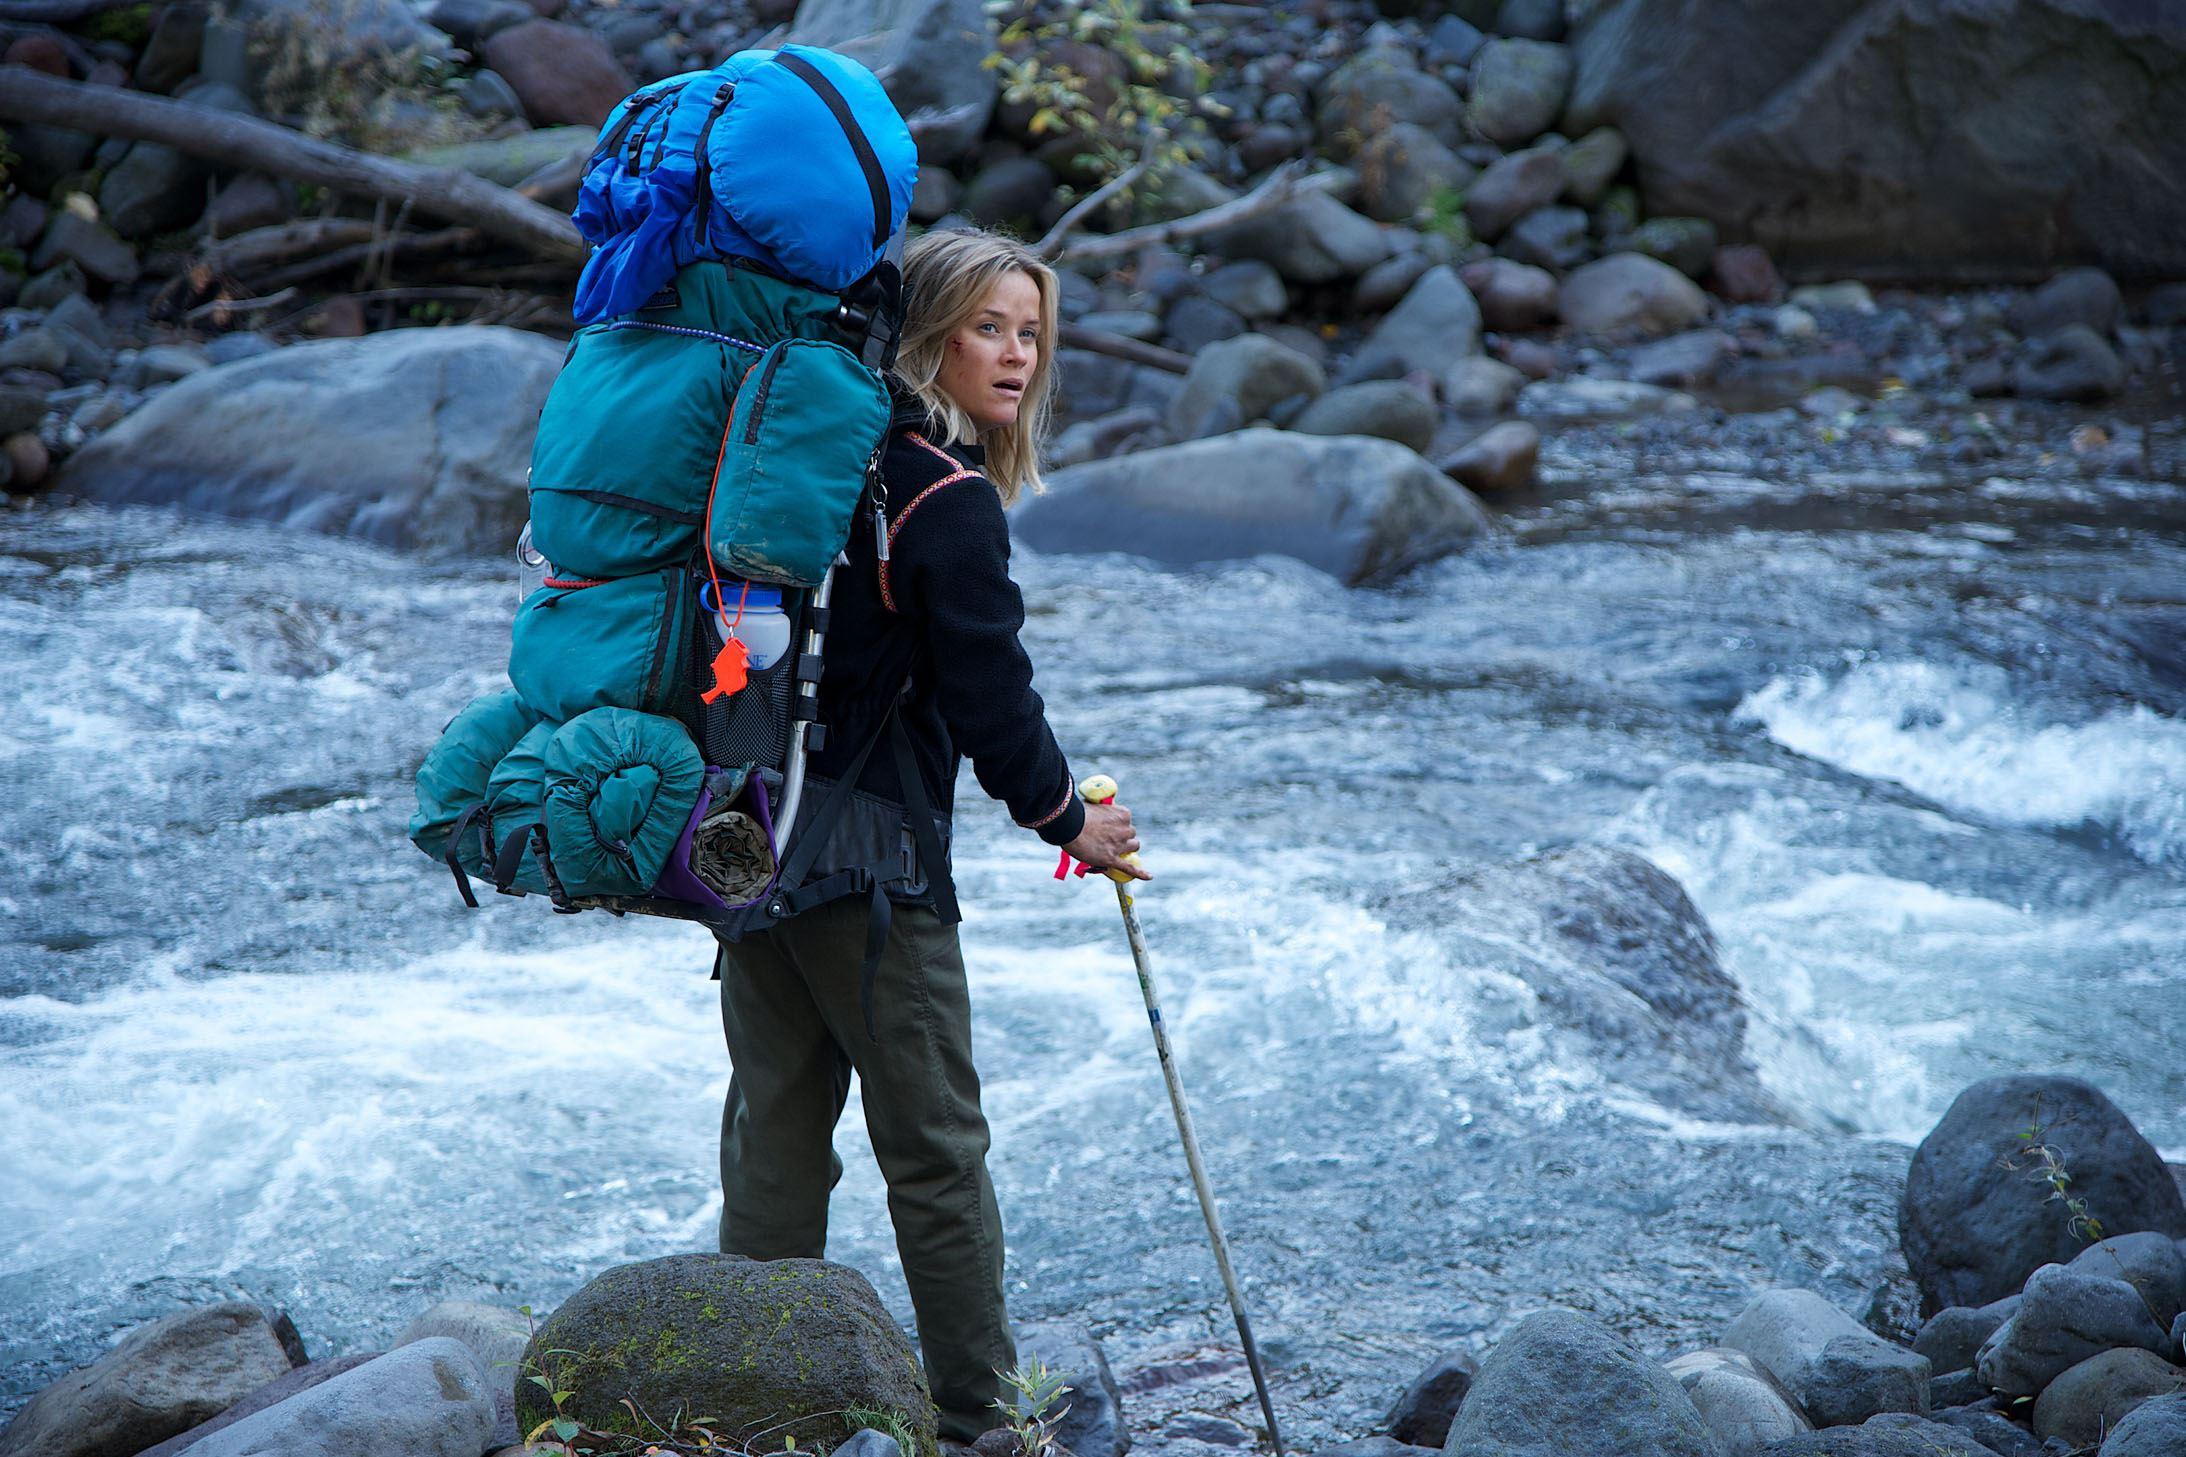 Wilderness Film